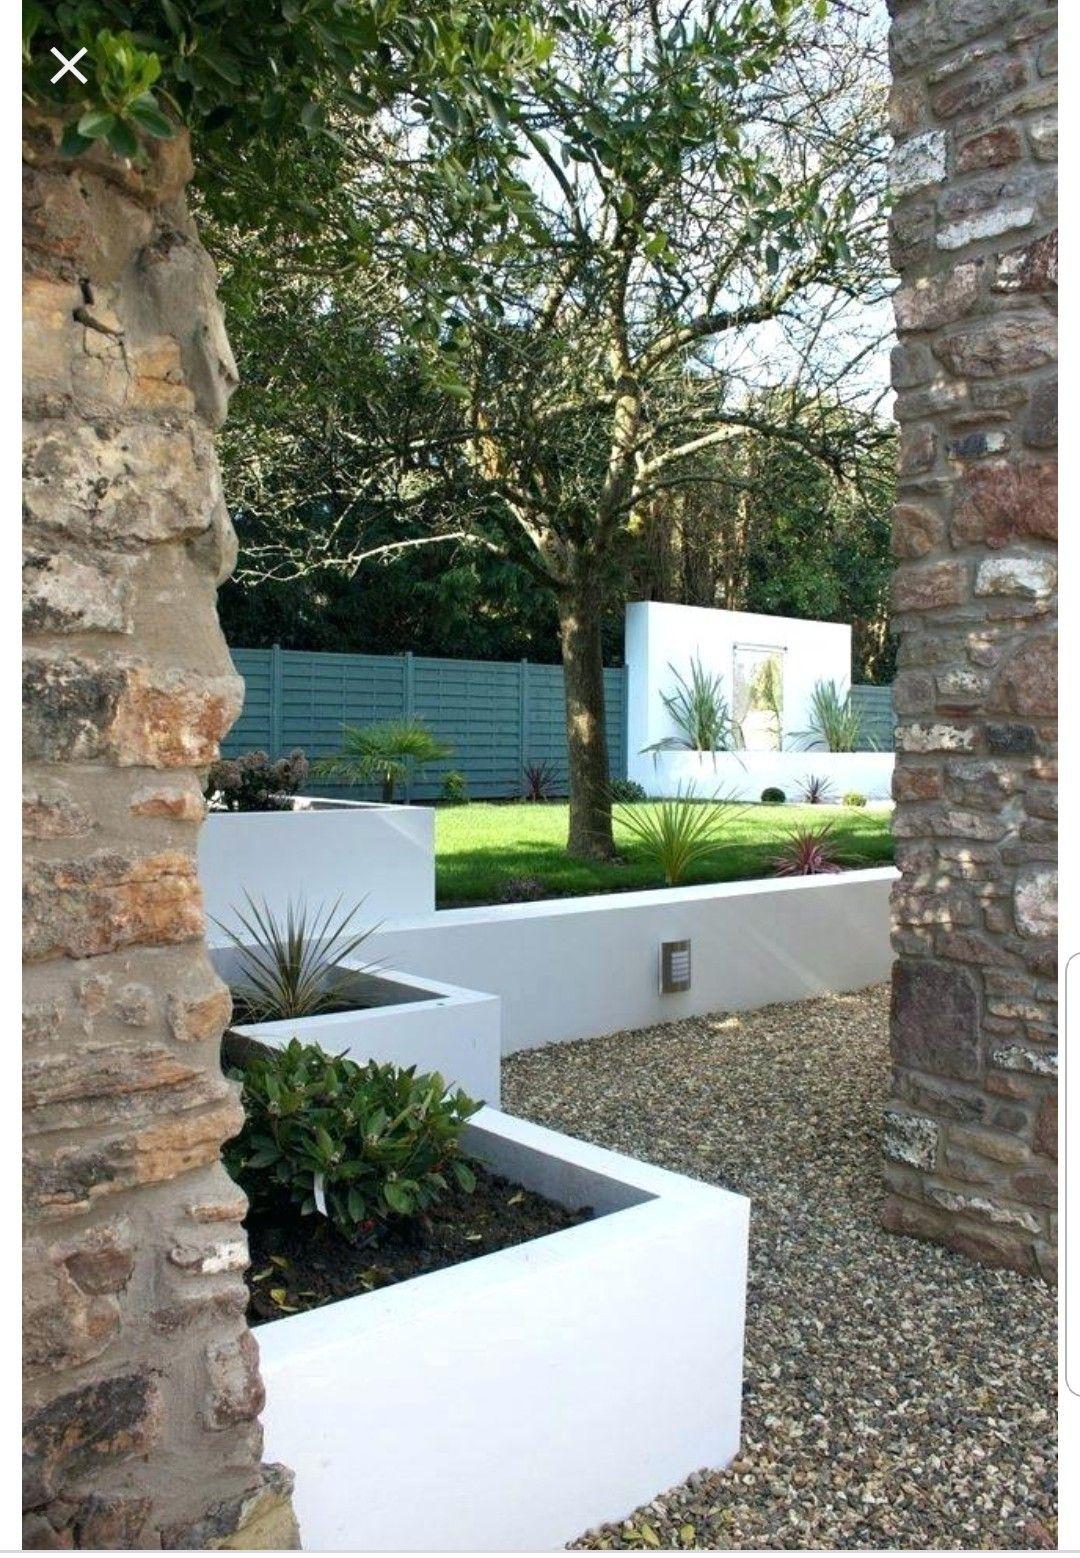 Pin By Maldonado On Garden Modern Garden Contemporary Garden House Landscape